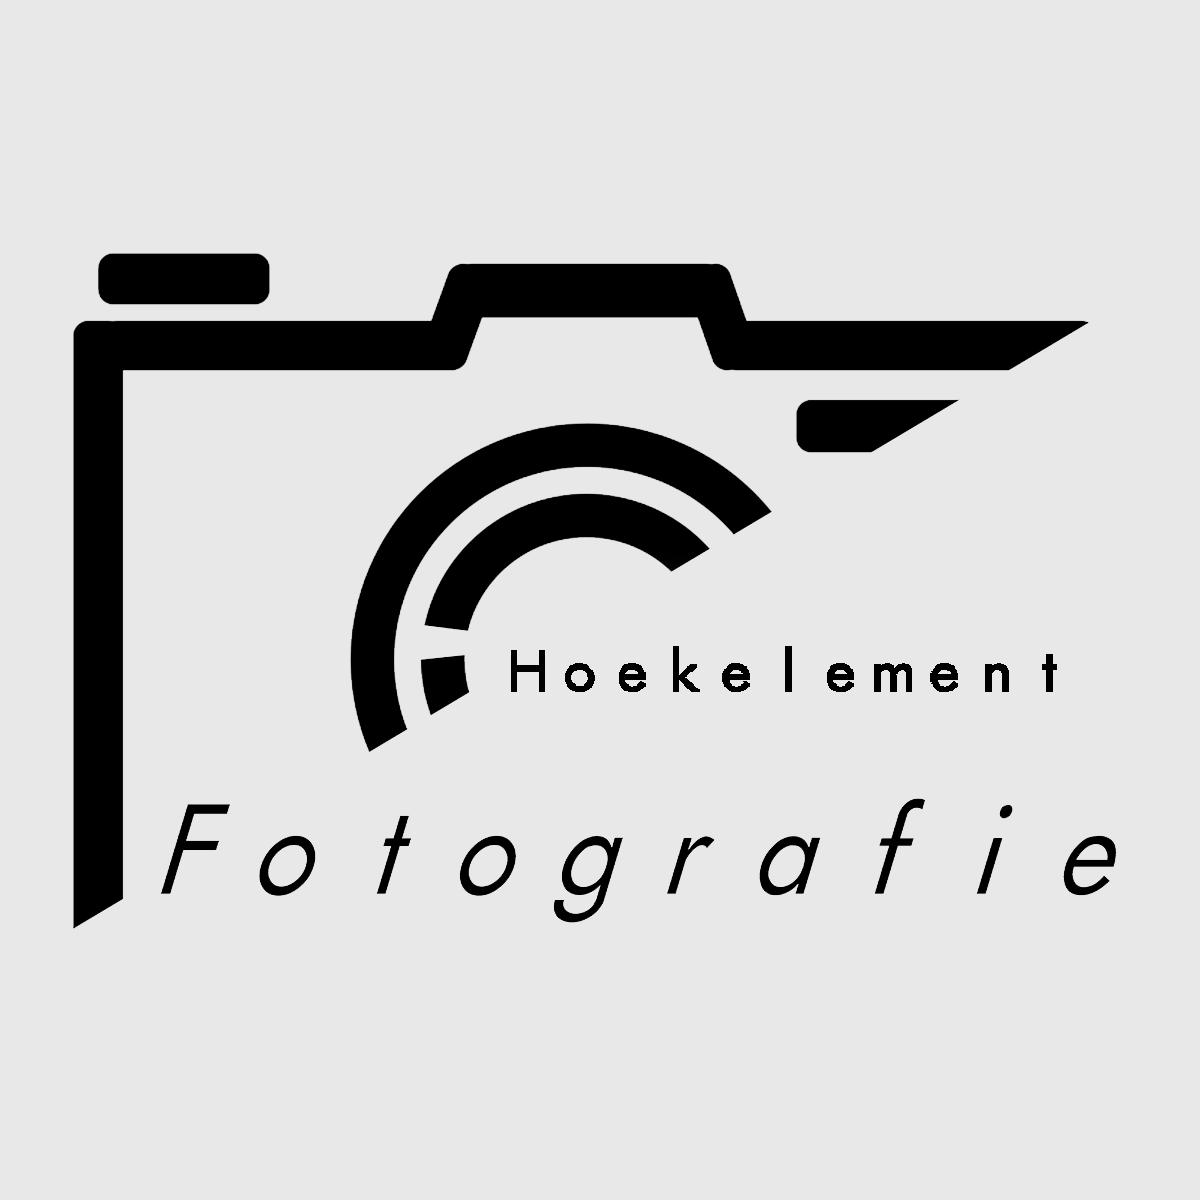 Muziekvideo - videoclip - bedrijfsvideo - livestream - registratie - aftermovie - productvideo - social media video - videoproductie - dansvideo - Breda - Triple-J Visions - Noord-Brabant- Brabant - goedkoop - professioneel - high end - productie - video - film - bedrijfsfilm - brandfilm - brandvideo - video laten maken - commercial - reclame - reclamevideo - montage - edit - camera - cinematografie - filmmaker - videograaf - musicvideo - videoclip - cinematography - cinematographer - camera man - fotografie - fotograaf - Jesse van der Meulen - Triple-J - Triple J - Visions - Breda - filmmaker - brand video - productvideo - editor - color grading - vfx - visual effects - visual fx - Jesse Joey James - jessejoeyjames - Nederland - The Netherlands - Harderwijk - Nunspeet - Rotterdam - Breda - Oosterhout - Tilburg - Dordrecht - Gorinchem - Belgie - Roosendaal - Etten-leur - Gilze - Rijen - Terheijden - Dongen - Waalwijk - Hilvarenbeek - Turnhout - Eindhoven - s'Hertogenbosch - Den Bosch - Utrecht - Den Haag - Delft - Scheveningen - video - filmproductie - bedrijfsvideo - brand video - commercial - editor - videograaf - fotograaf - Breda - livestreams - livestream - professionele livestream - goedkope livestream - livestream Breda - filmproductie - videoproductie - muziekvideo - music video - productvideo - aftermovie Breda - Triple-J Visions - Gig - Gig breda - Vreemt - VREEMT - Cuzzofilms - Hermanos - Falsum - FALSUM - GIG - Evenement - Event - R&B - Hip Hop - Urban - Dancehall - DJ - Artiest - Artist - Rapper - Rap - HipHop/Rap - Urban Rap - jessejoeyjames - Triple-J - Jesse Joey James - rapworkshops - Rap Workshops - Hip Hop Workshop - Hip Hop workshops - hiphop - trap - boombap - boom bap - artist - artiest - film & video - Kenneth Fluonia - Fluoniavisions - Fluonia Visions - videoproductie - triple-j visions - j3visions - brandfilm brand video - Shortfilm - Green screen - Green screen effect - greenscreenfx - Studio - Sound Engineer - Sound Engineering - Mixing - 